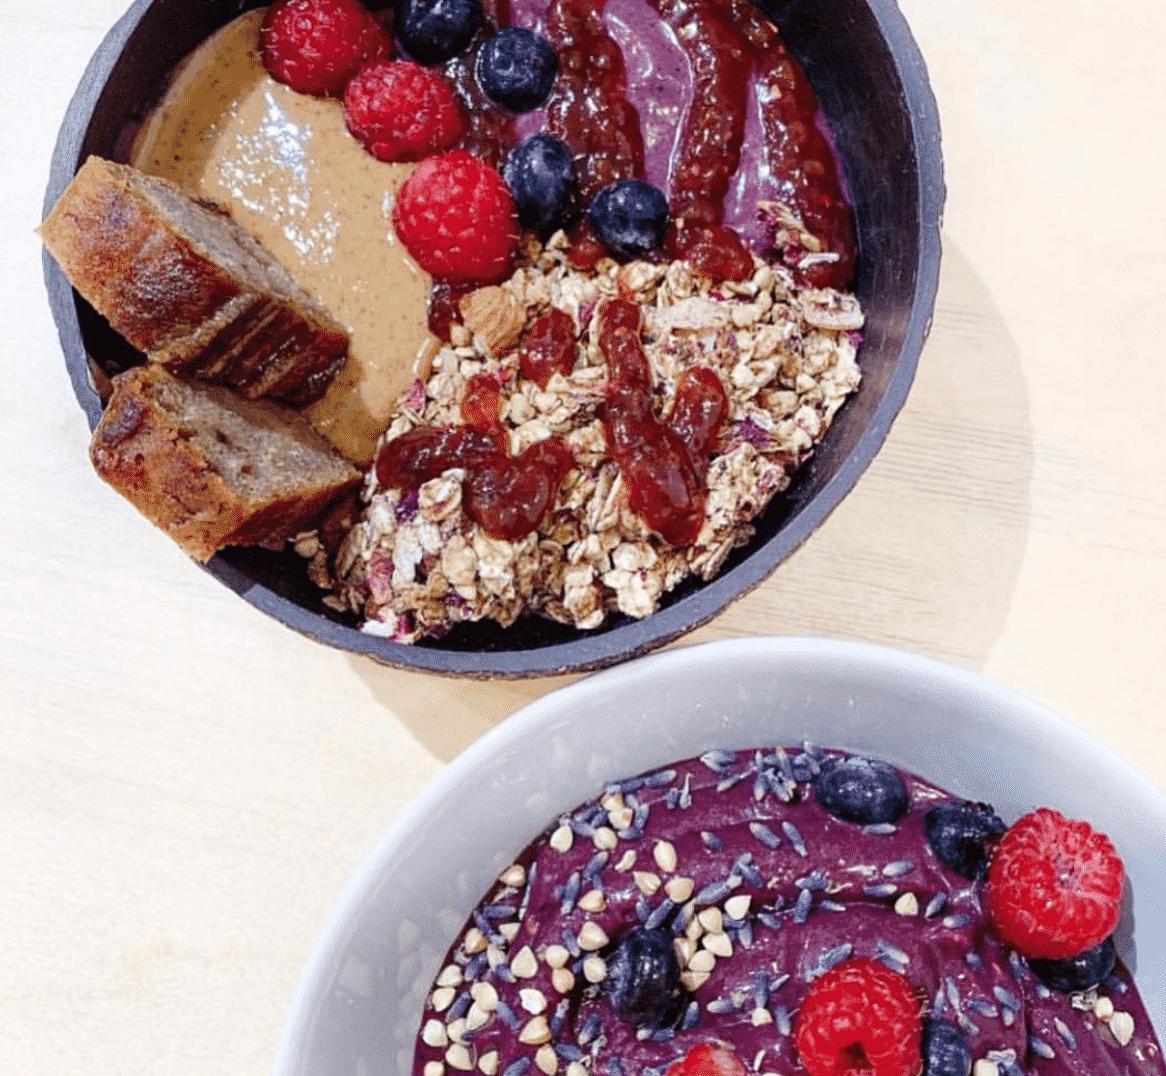 Acai Bowl Breakfast In London